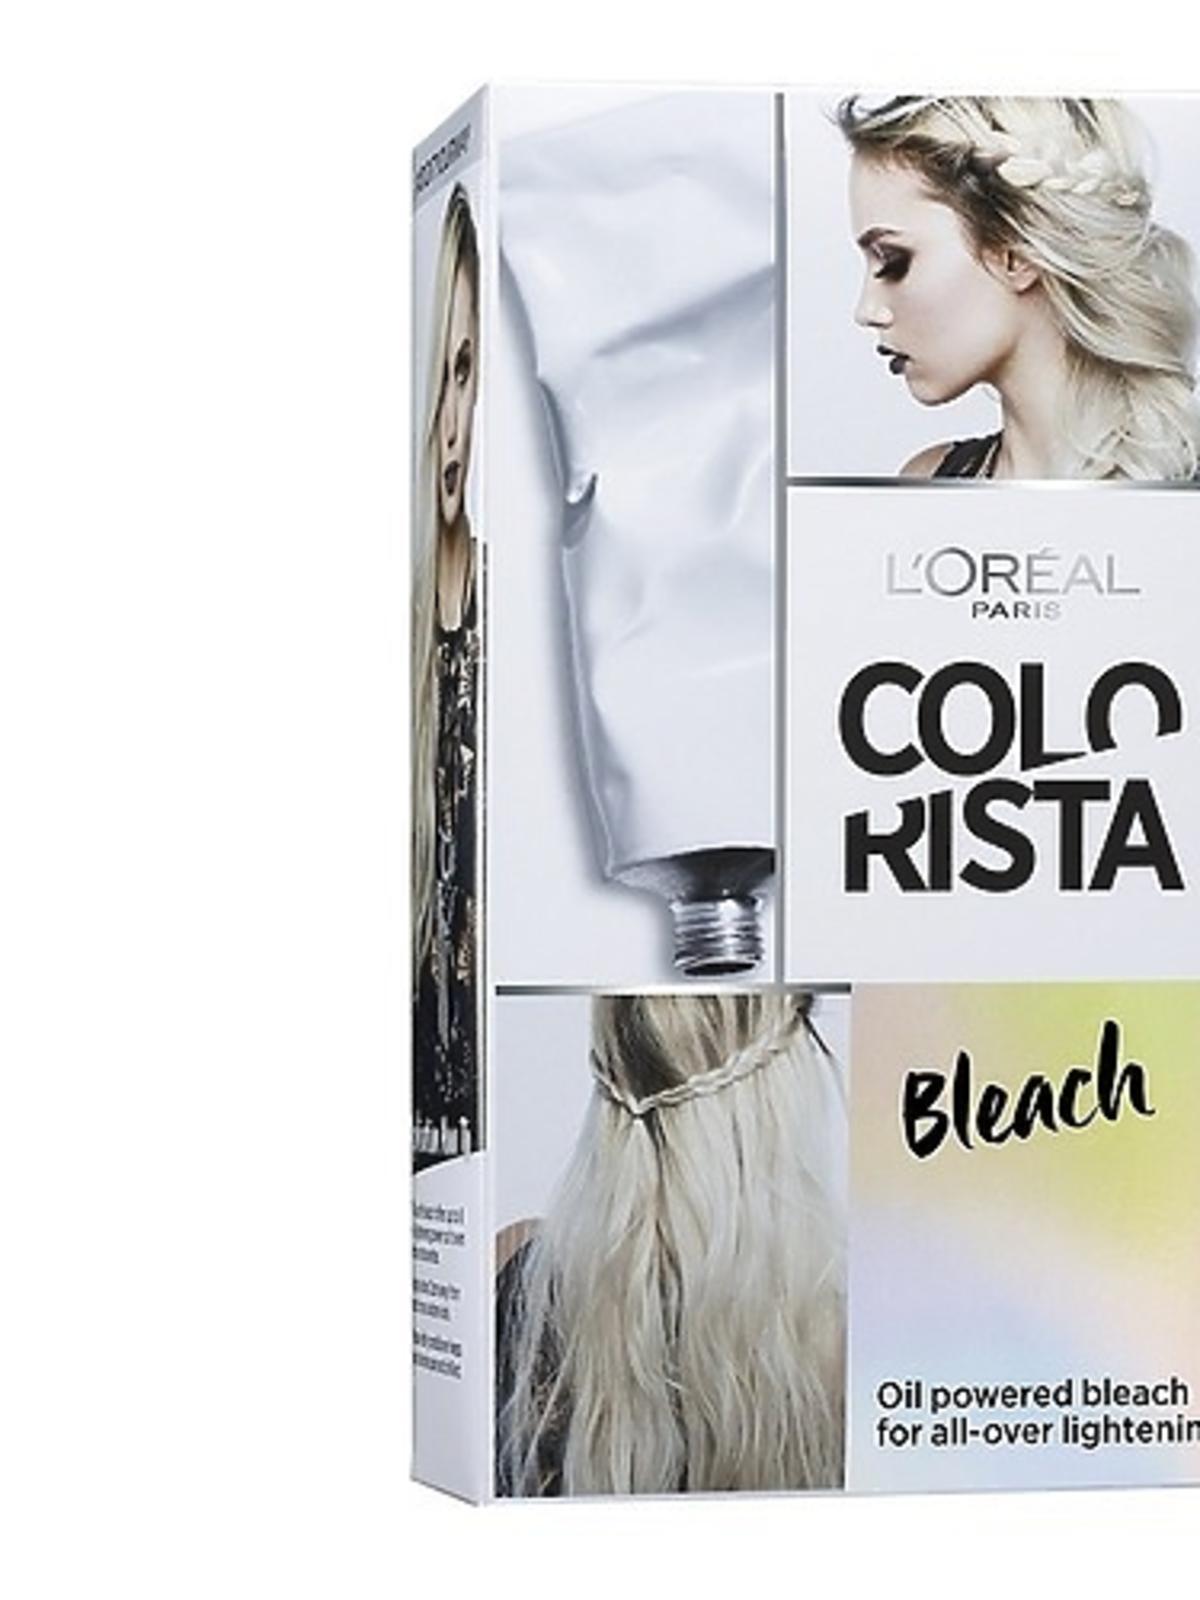 'Oréal Paris, Colorista, rozjaśniacz, bleach, 27,99 zł